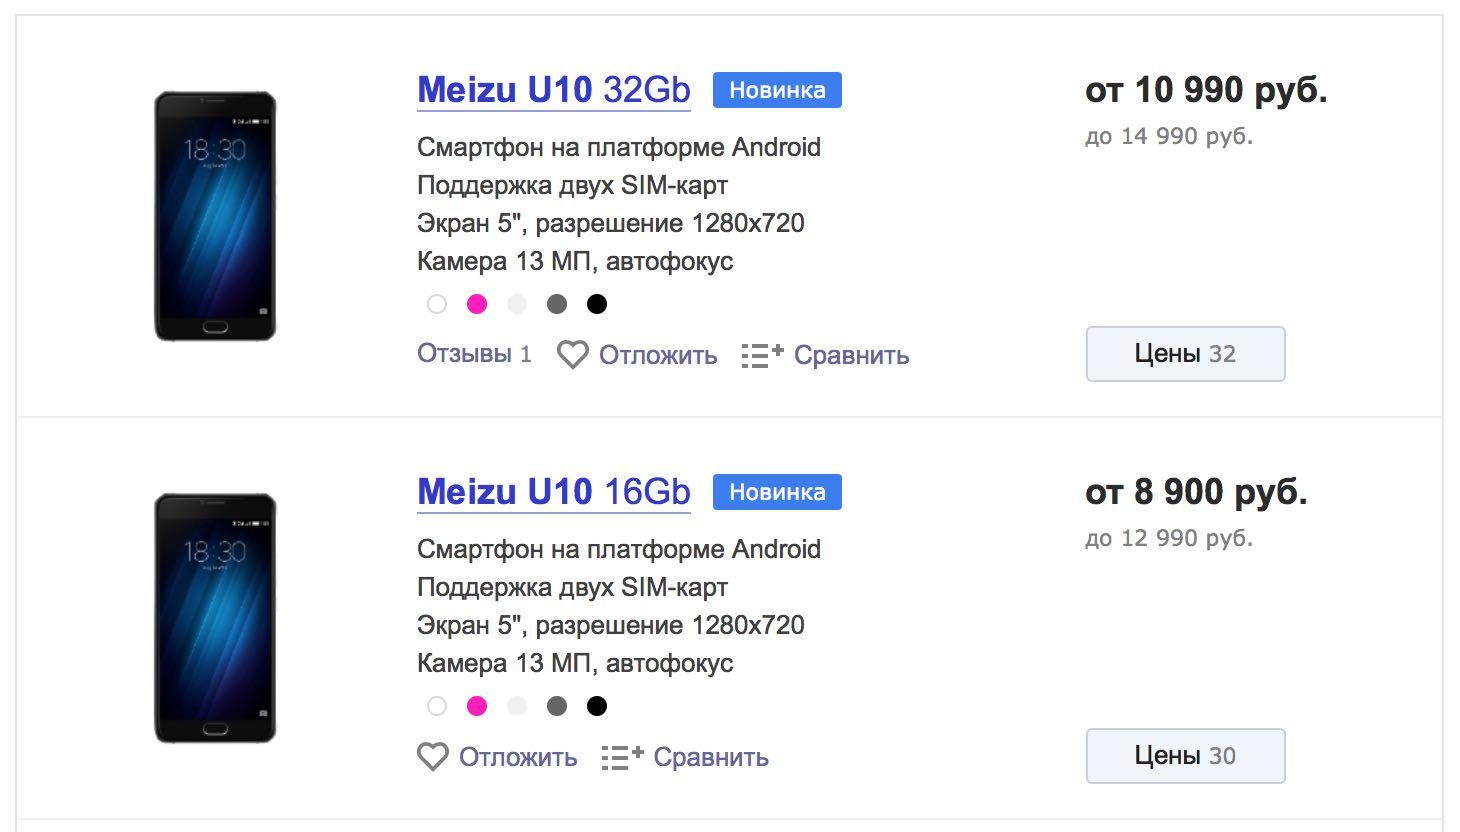 Meizu U10 Russia